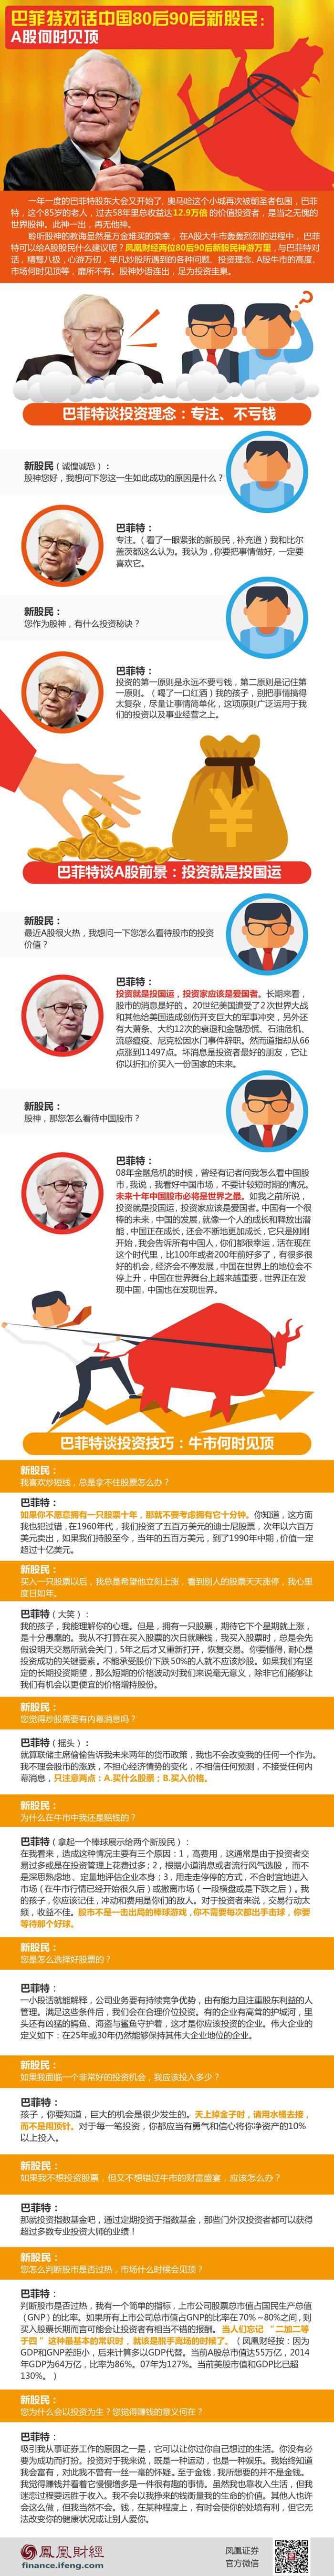 巴菲特对话中国80后90后新股民——A股何时见顶 - 田园 - 田园的博客